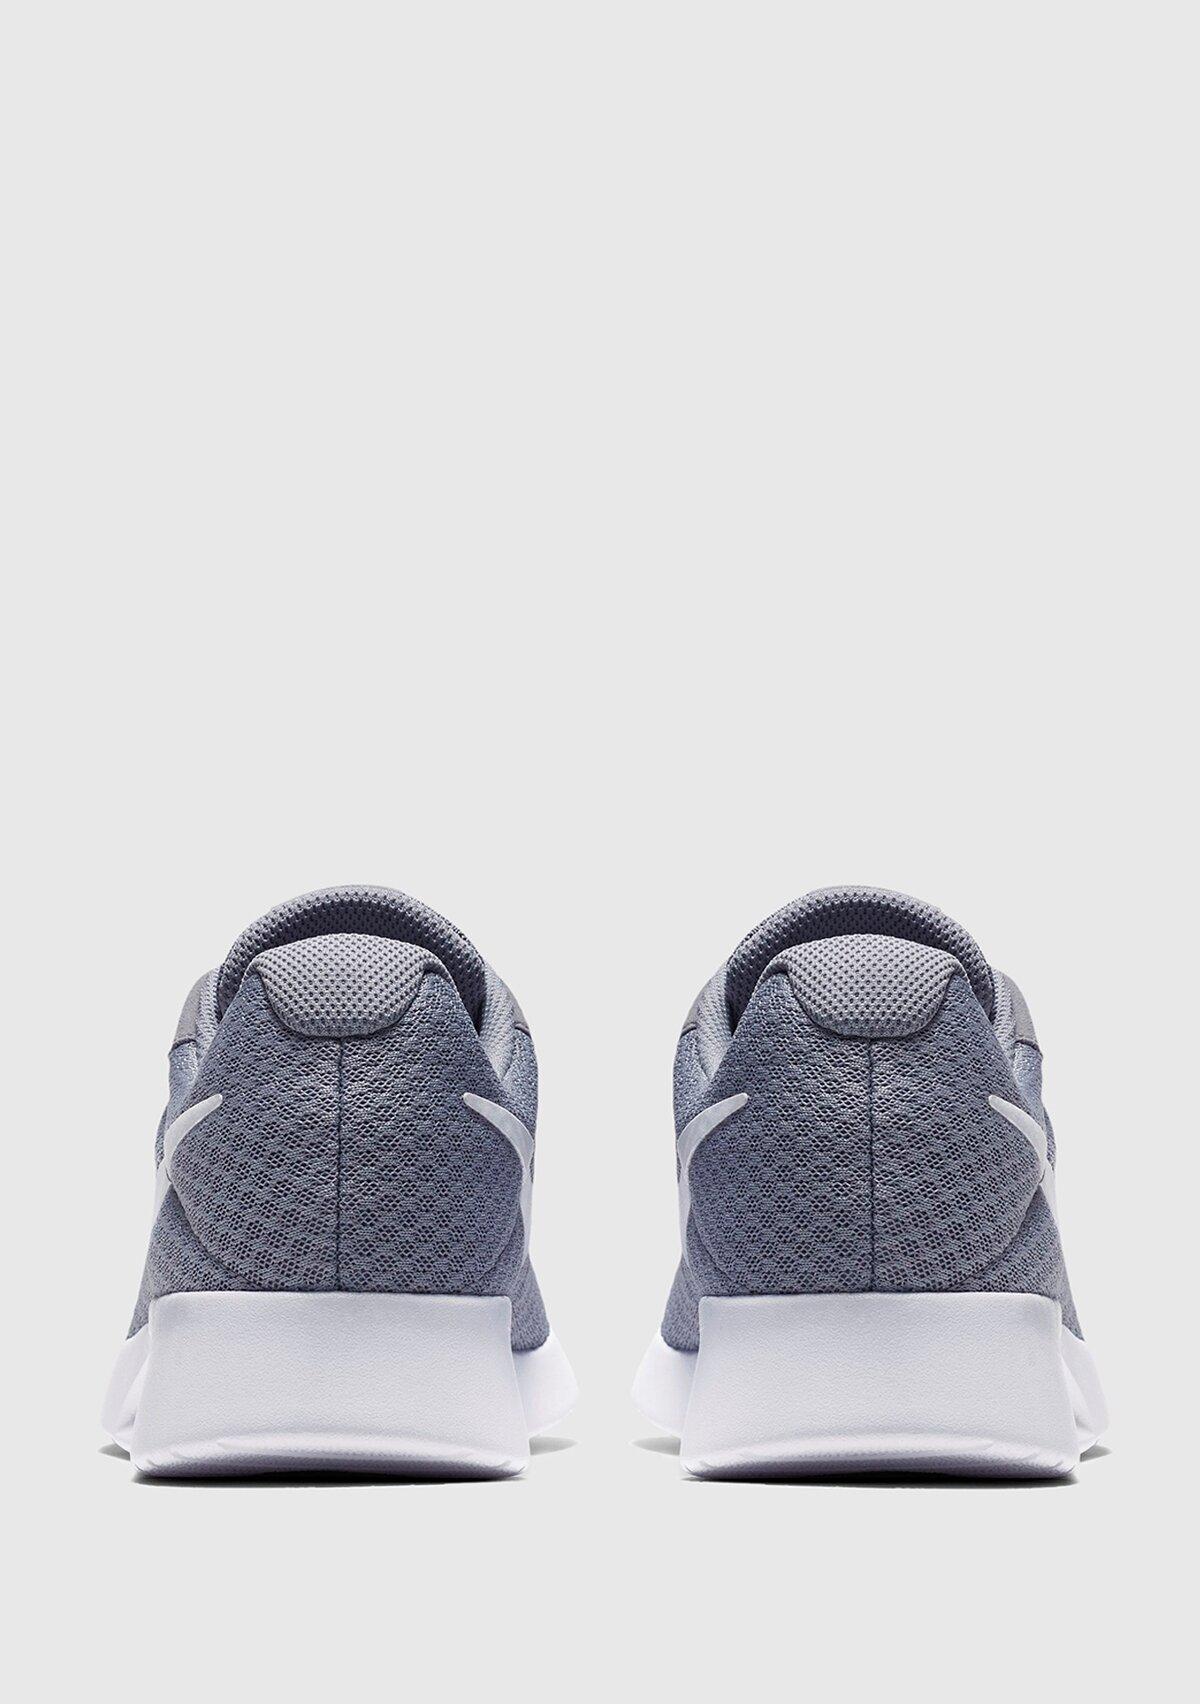 resm Tanjun Gri Erkek Sneaker 812654-010